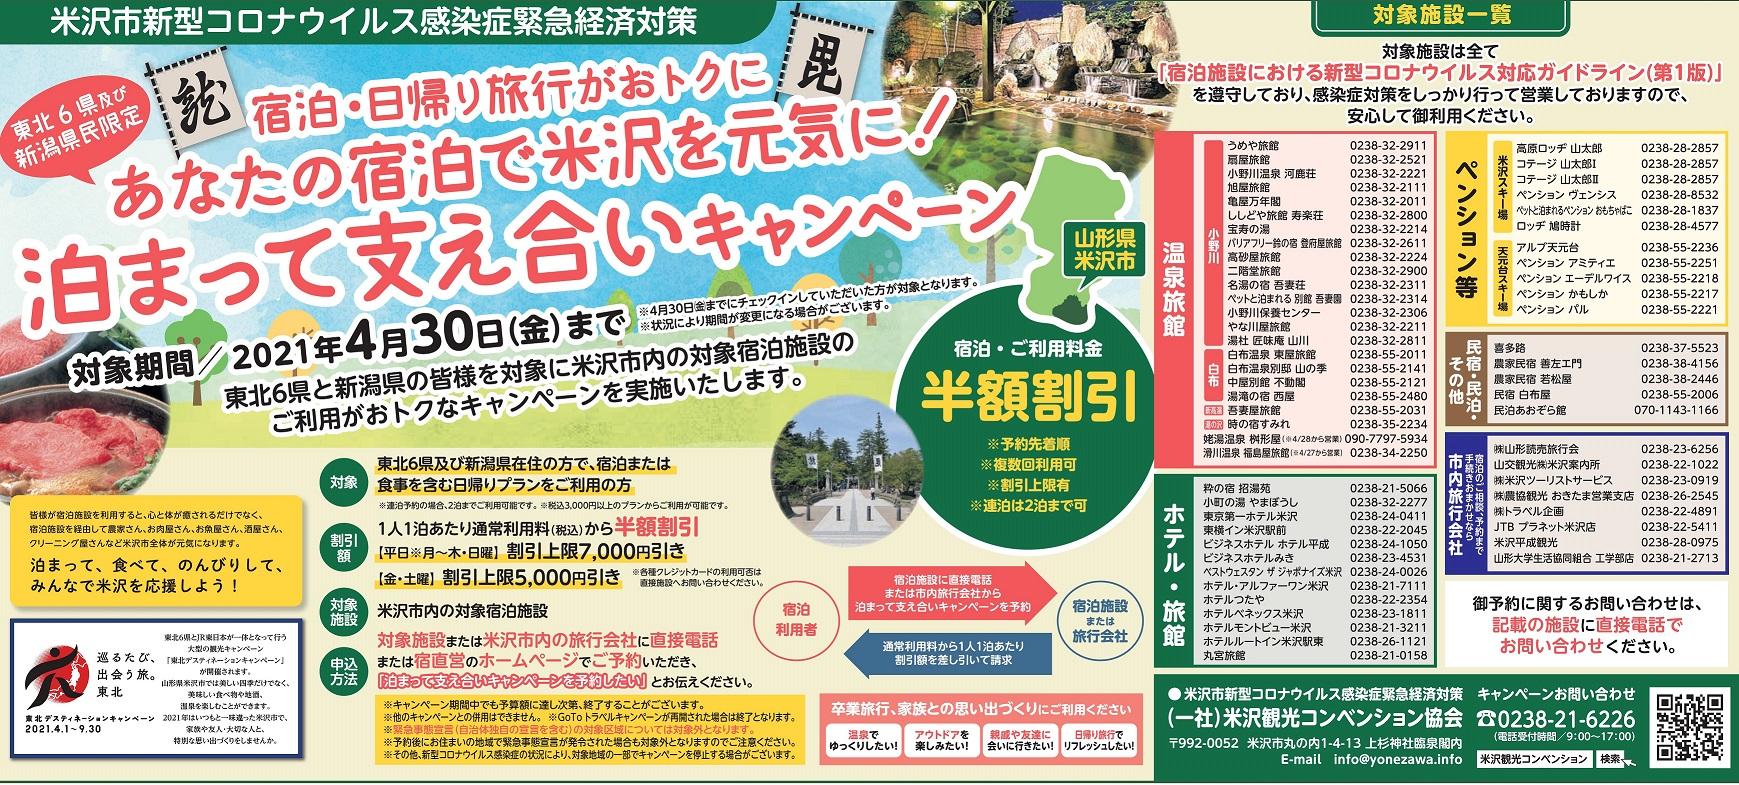 東北6県+新潟県民限定「泊まって支え合いキャンペーン」開始!:画像